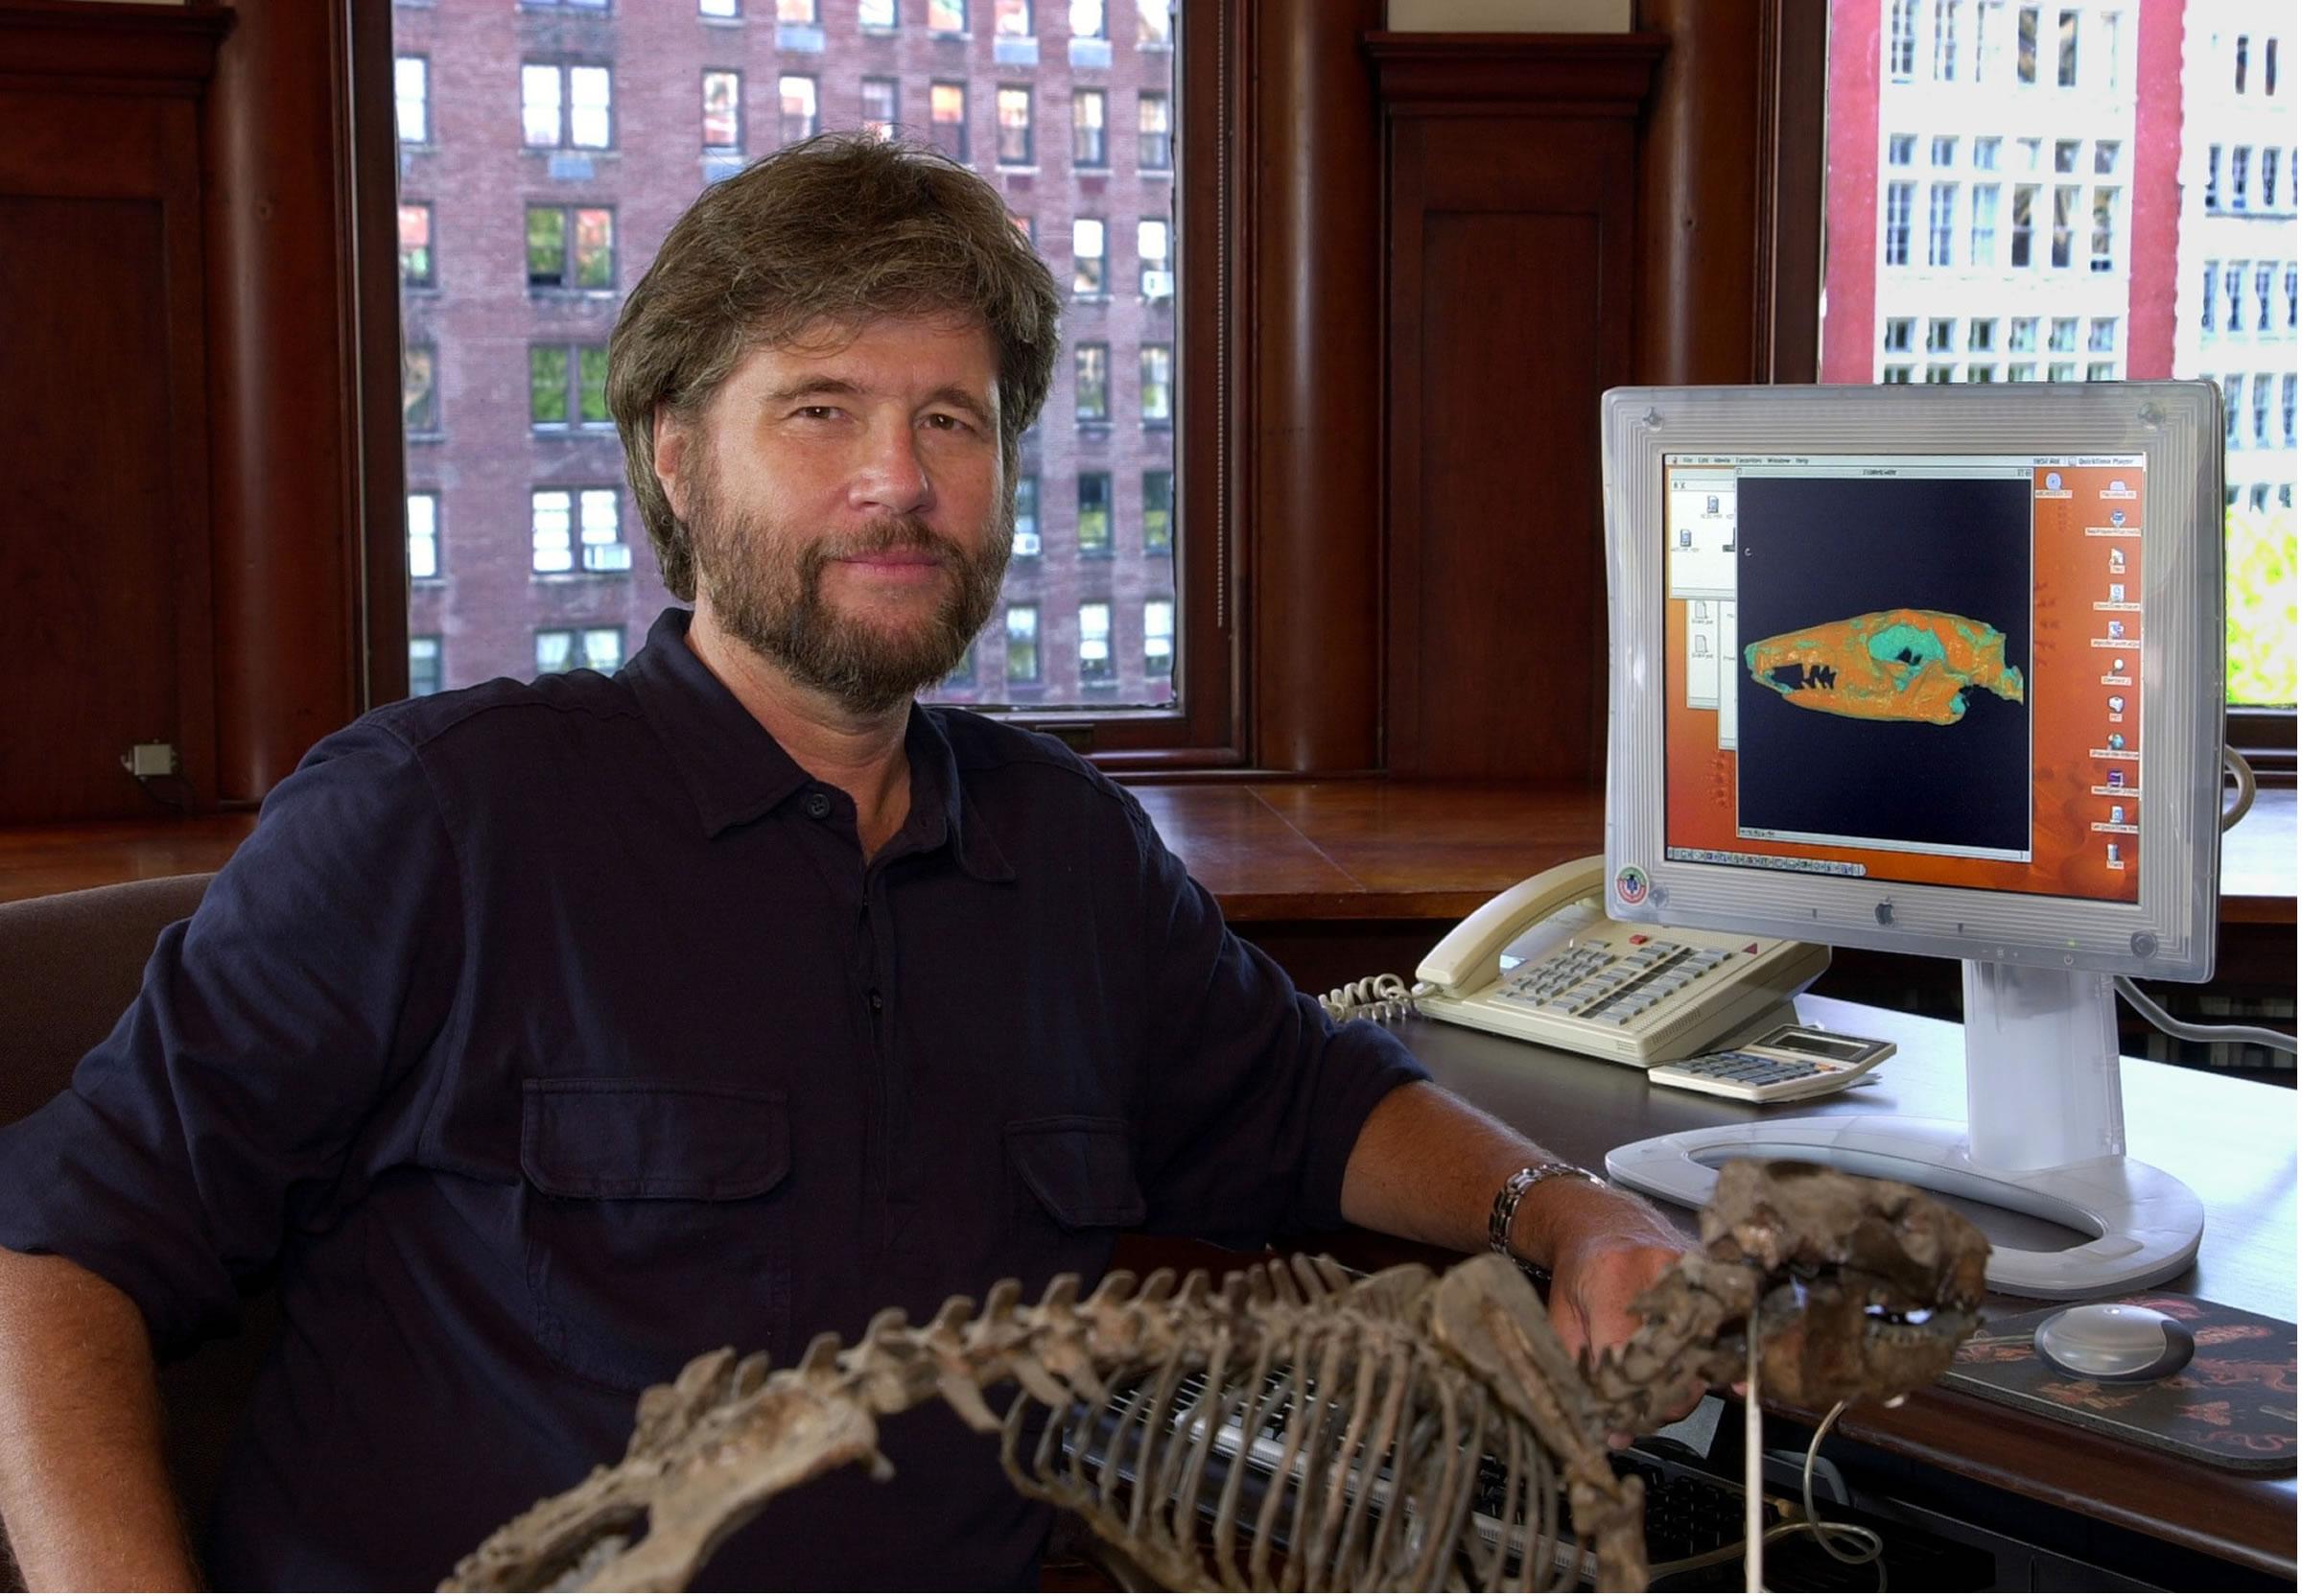 Paleontologist Michael Novacek